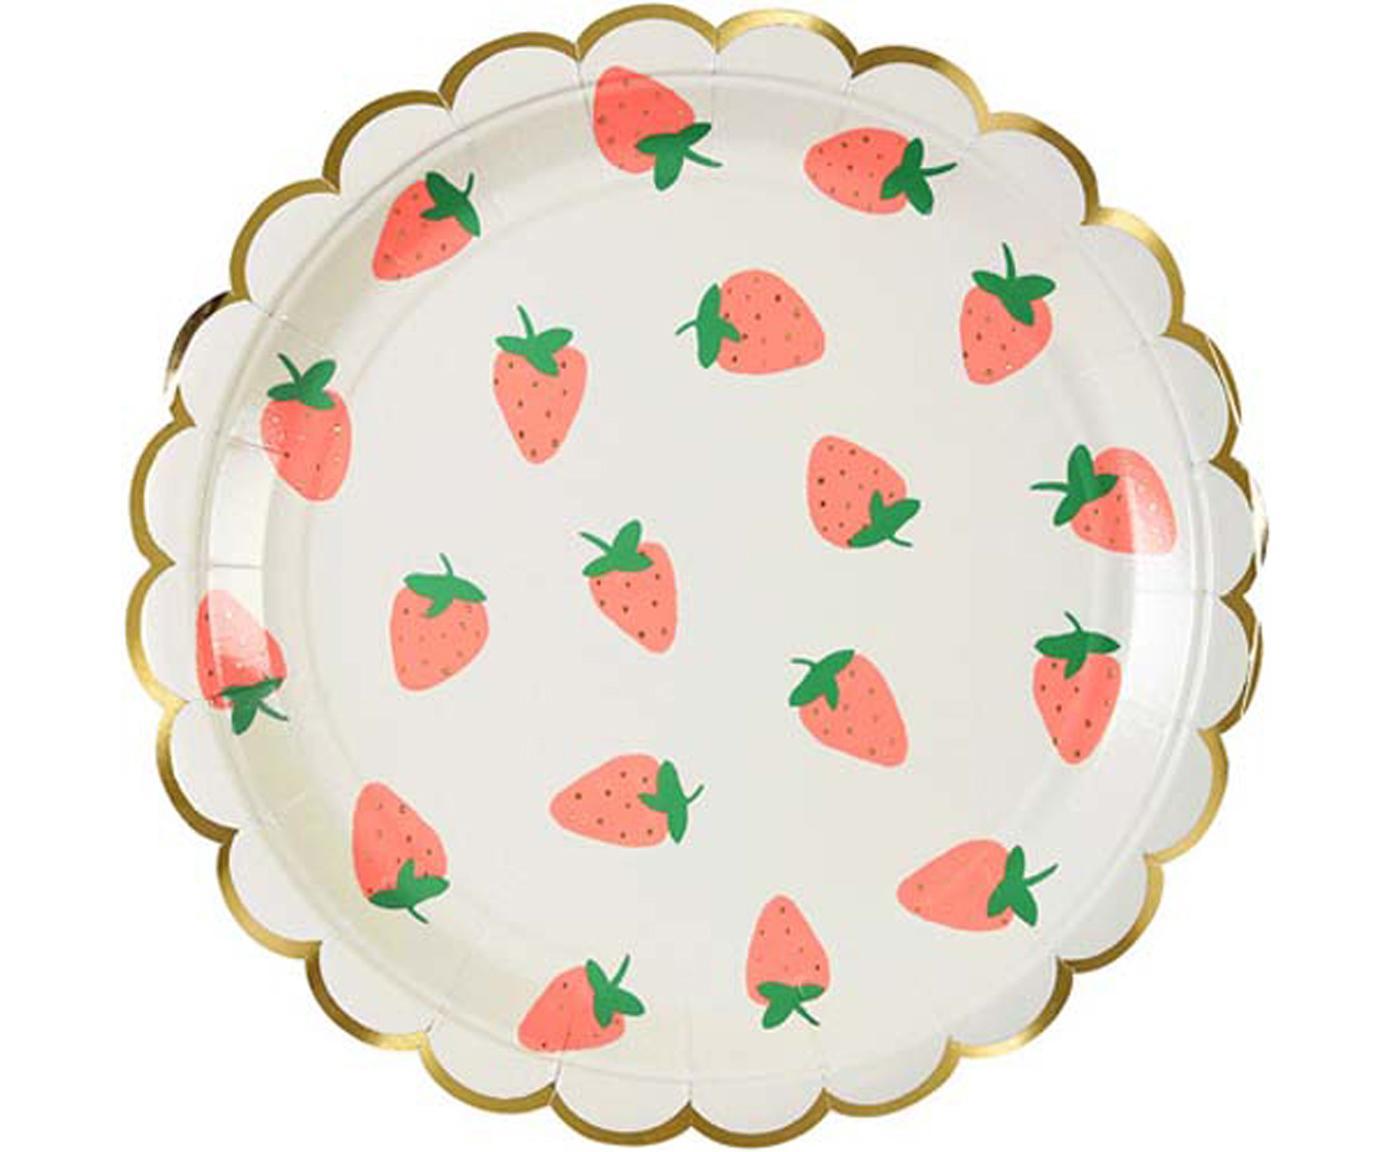 Talerz z papieru Strawberry, 8 szt., Papier, foliowany, Biały, blady różowy, zielony, Ø 20 x W 1 cm